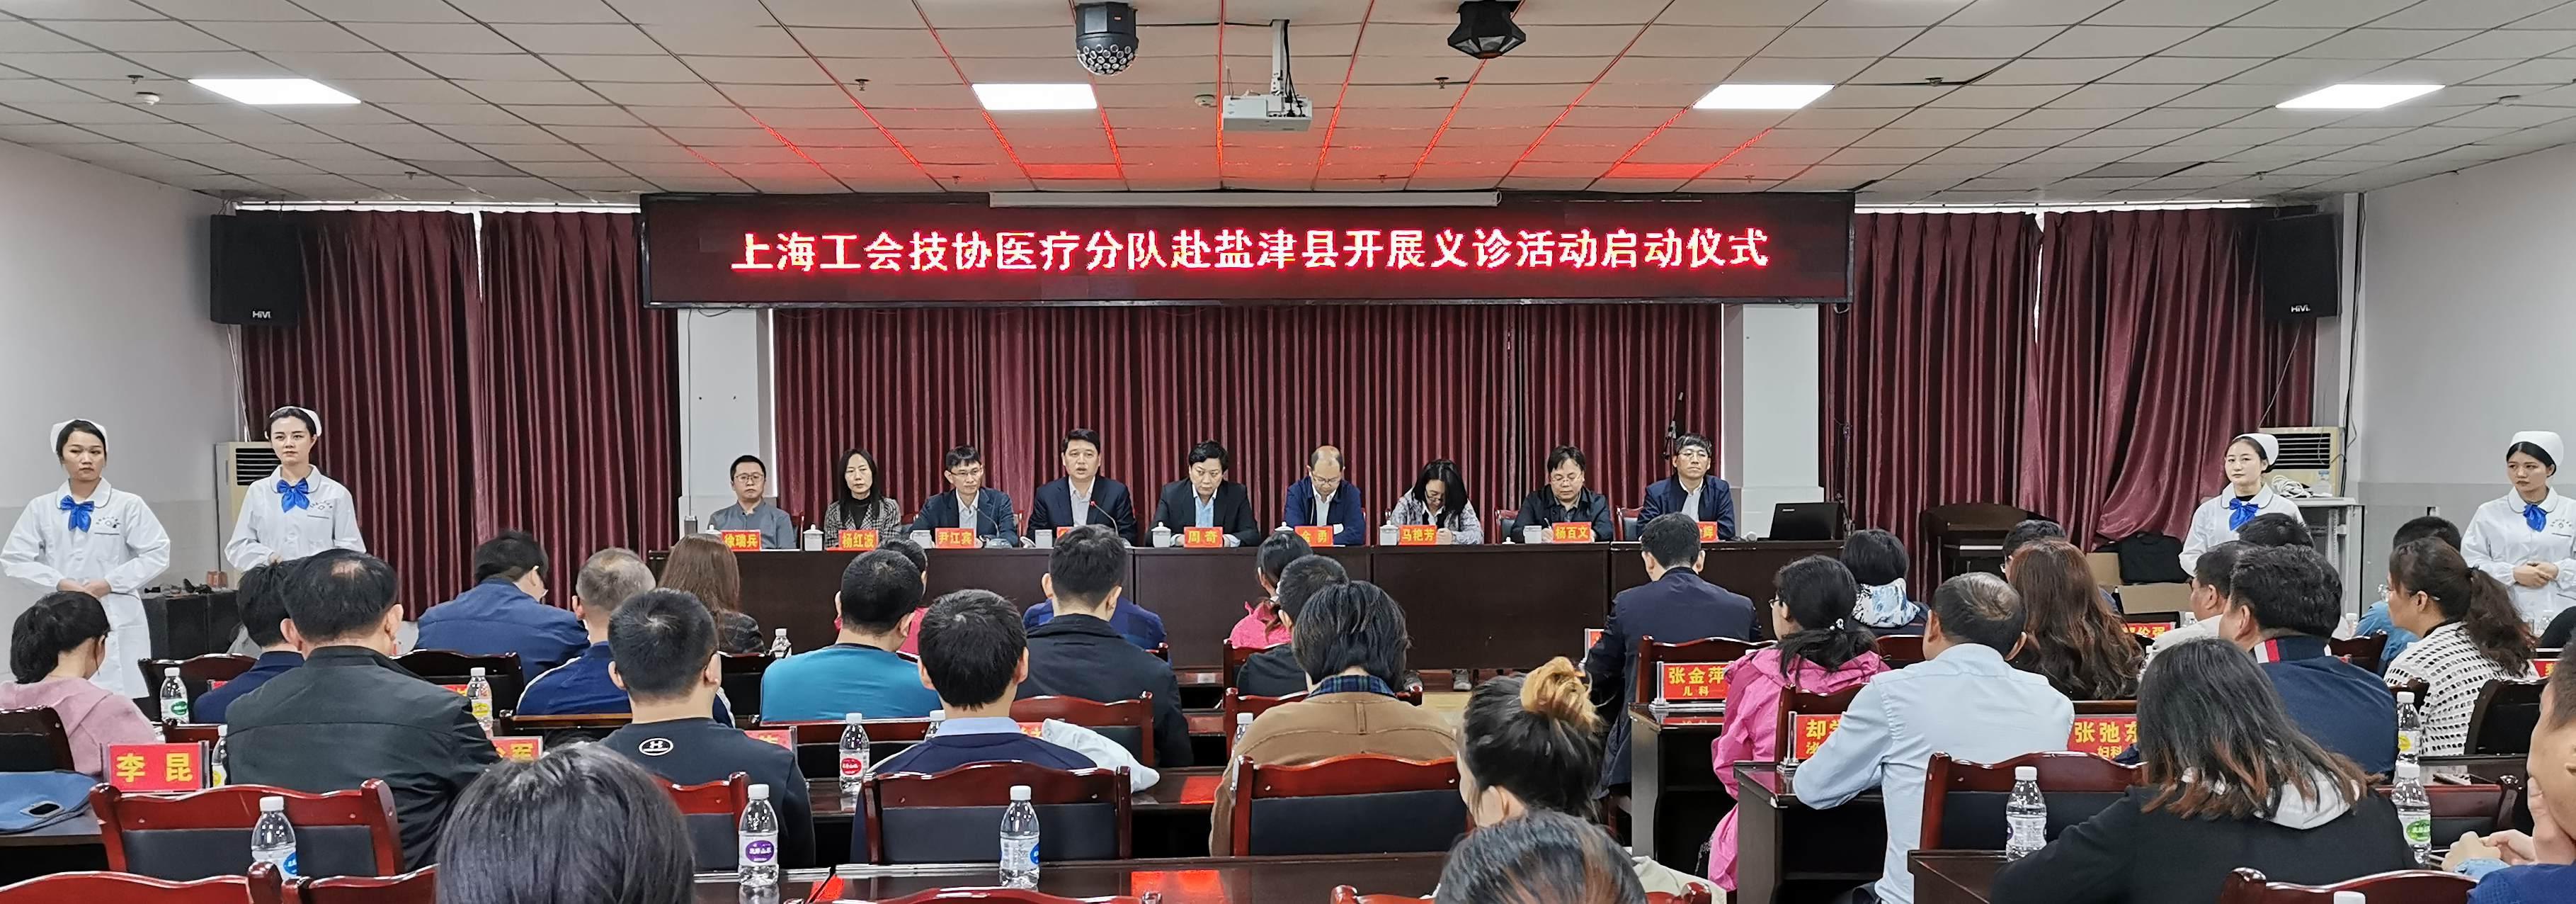 上海工会技协医疗分队赴盐津开展医疗帮扶活动